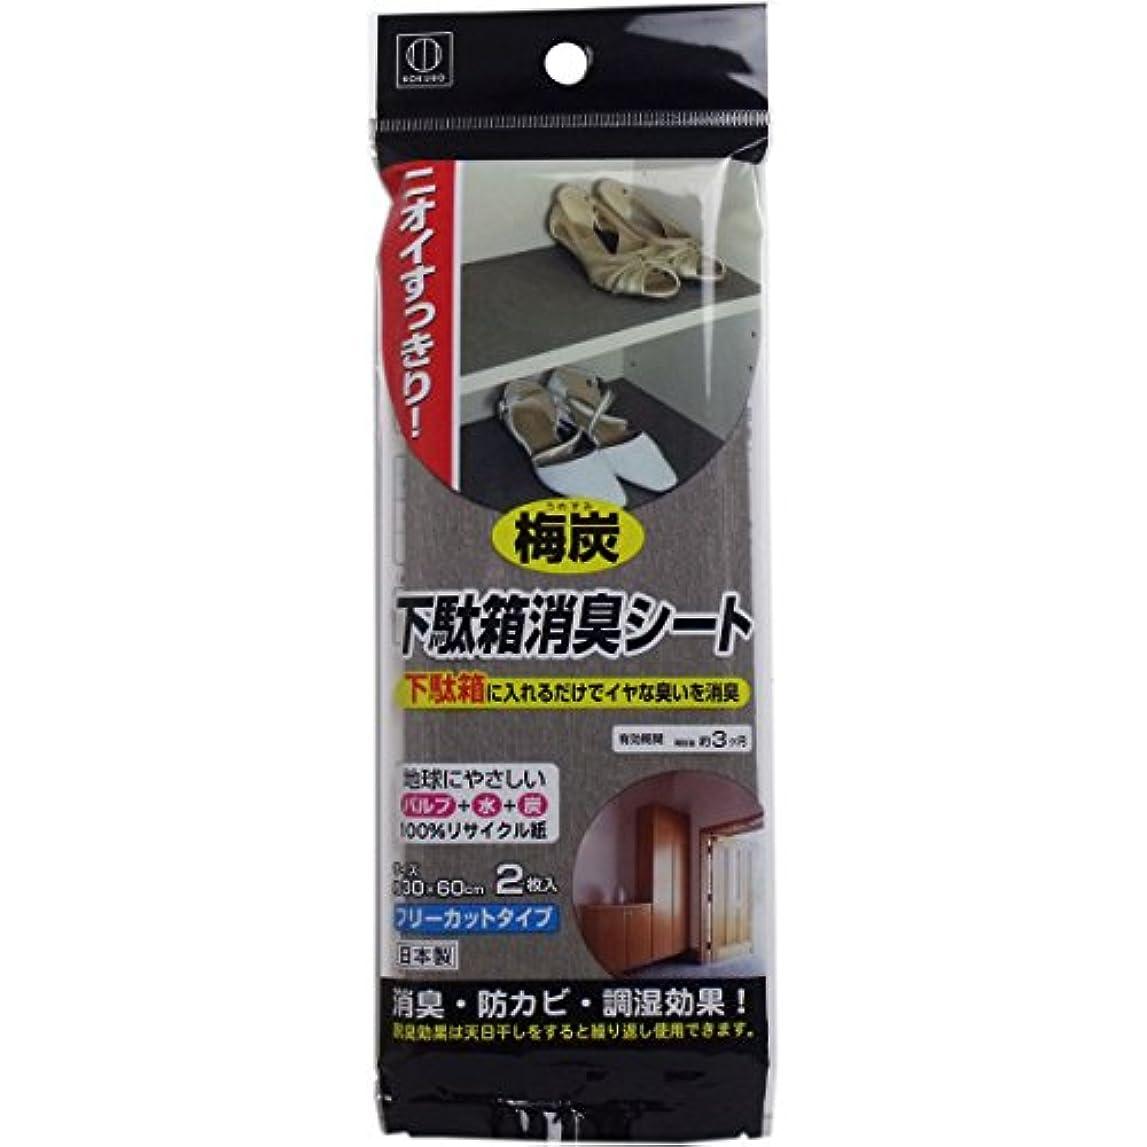 雑品状態くるくる日本製 japan 3662 梅炭下駄箱消臭シート2枚入り 【まとめ買い10個セット】